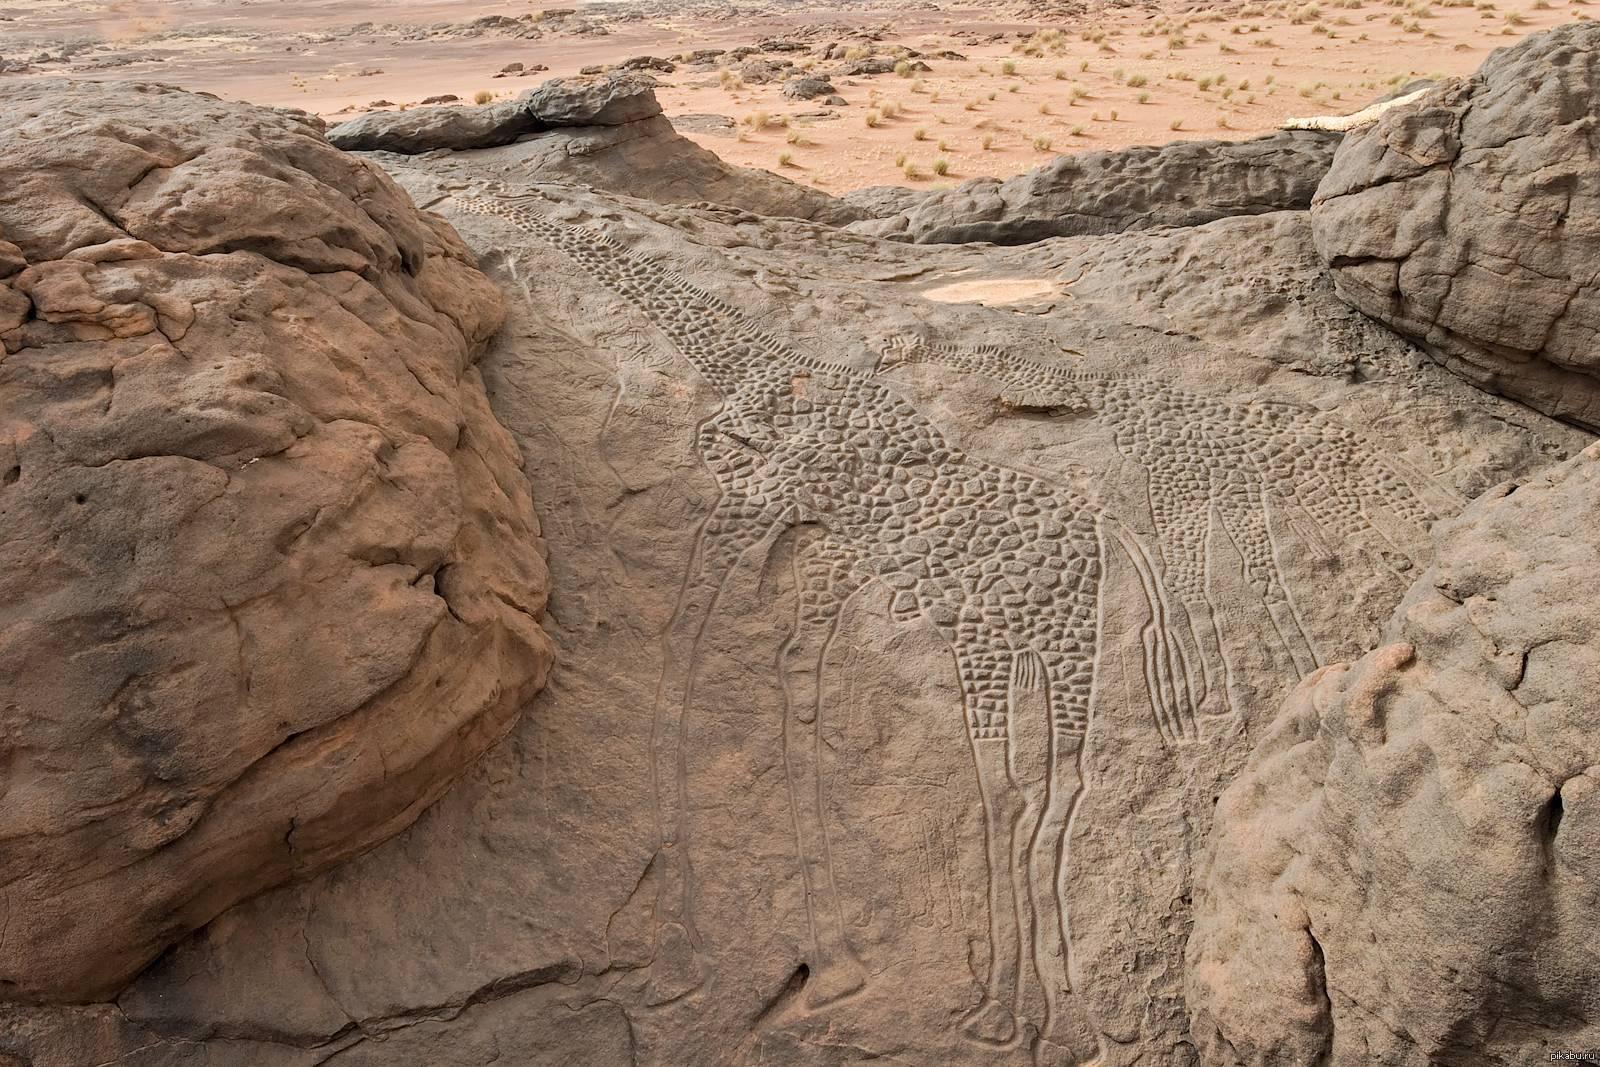 the worlds largest rock art petroglyph dabous giraffe - HD1600×1067